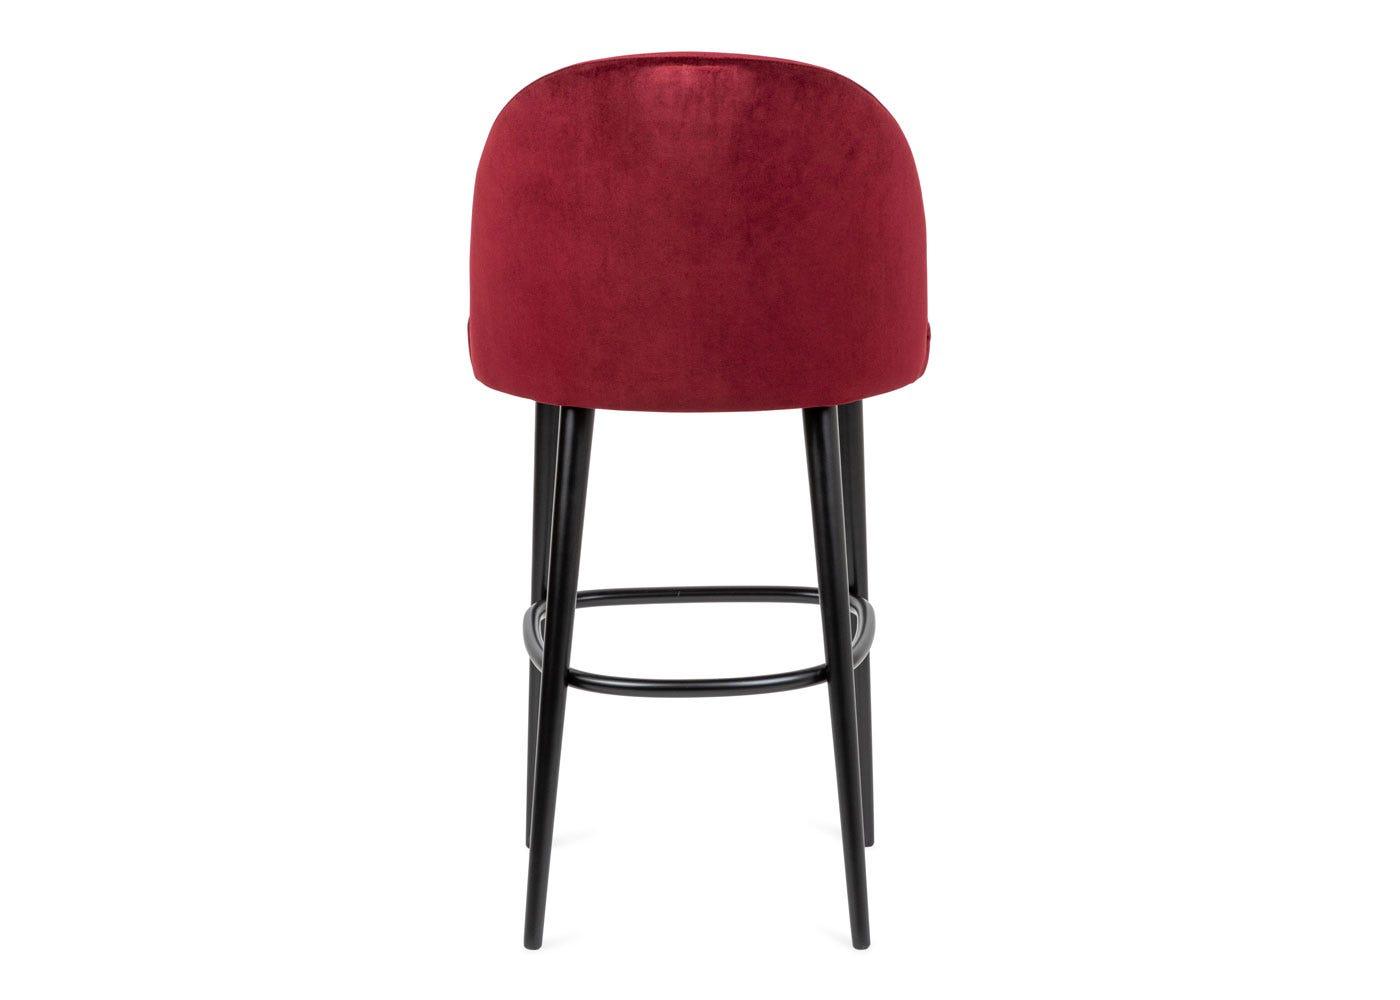 As shown: Austen bar stool plush velvet burgundy black leg - Rear profile.